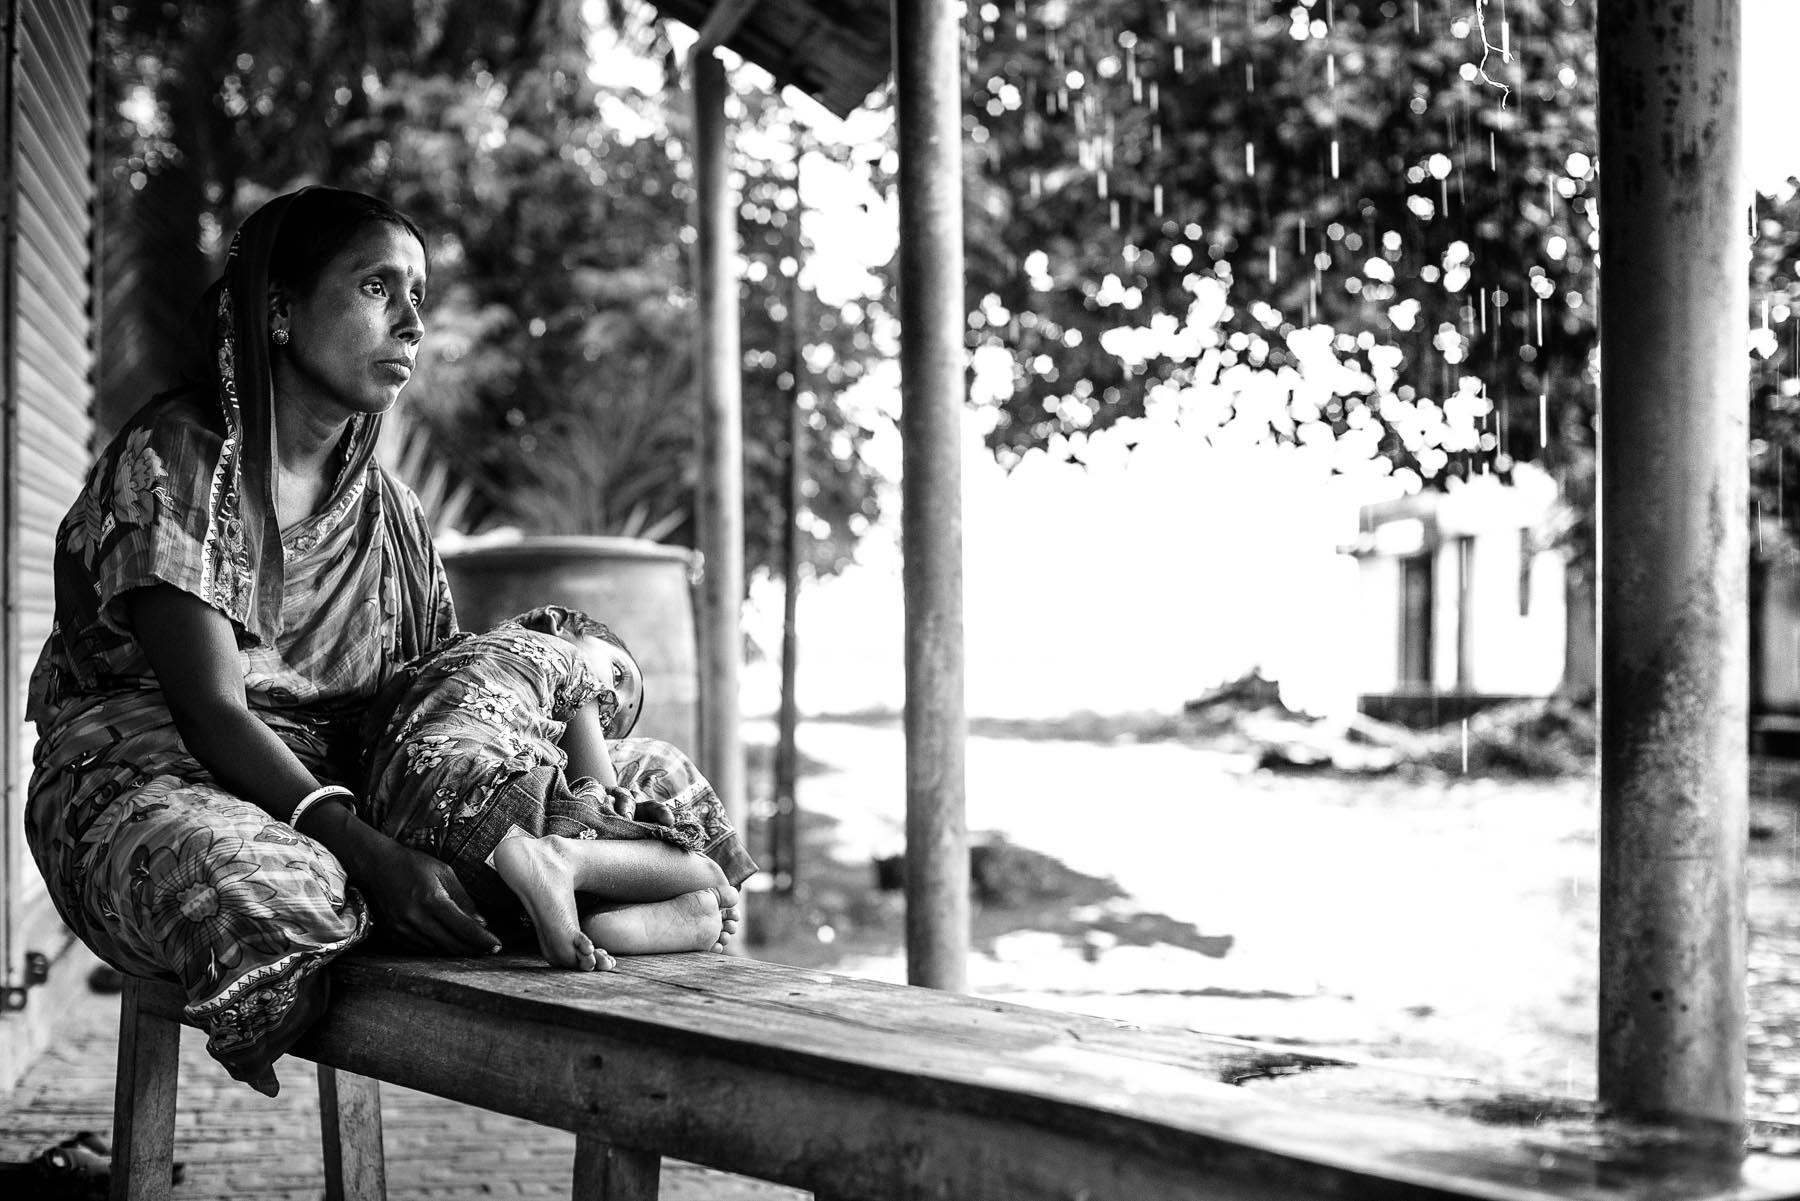 Jules_toulet_bangladesh-7